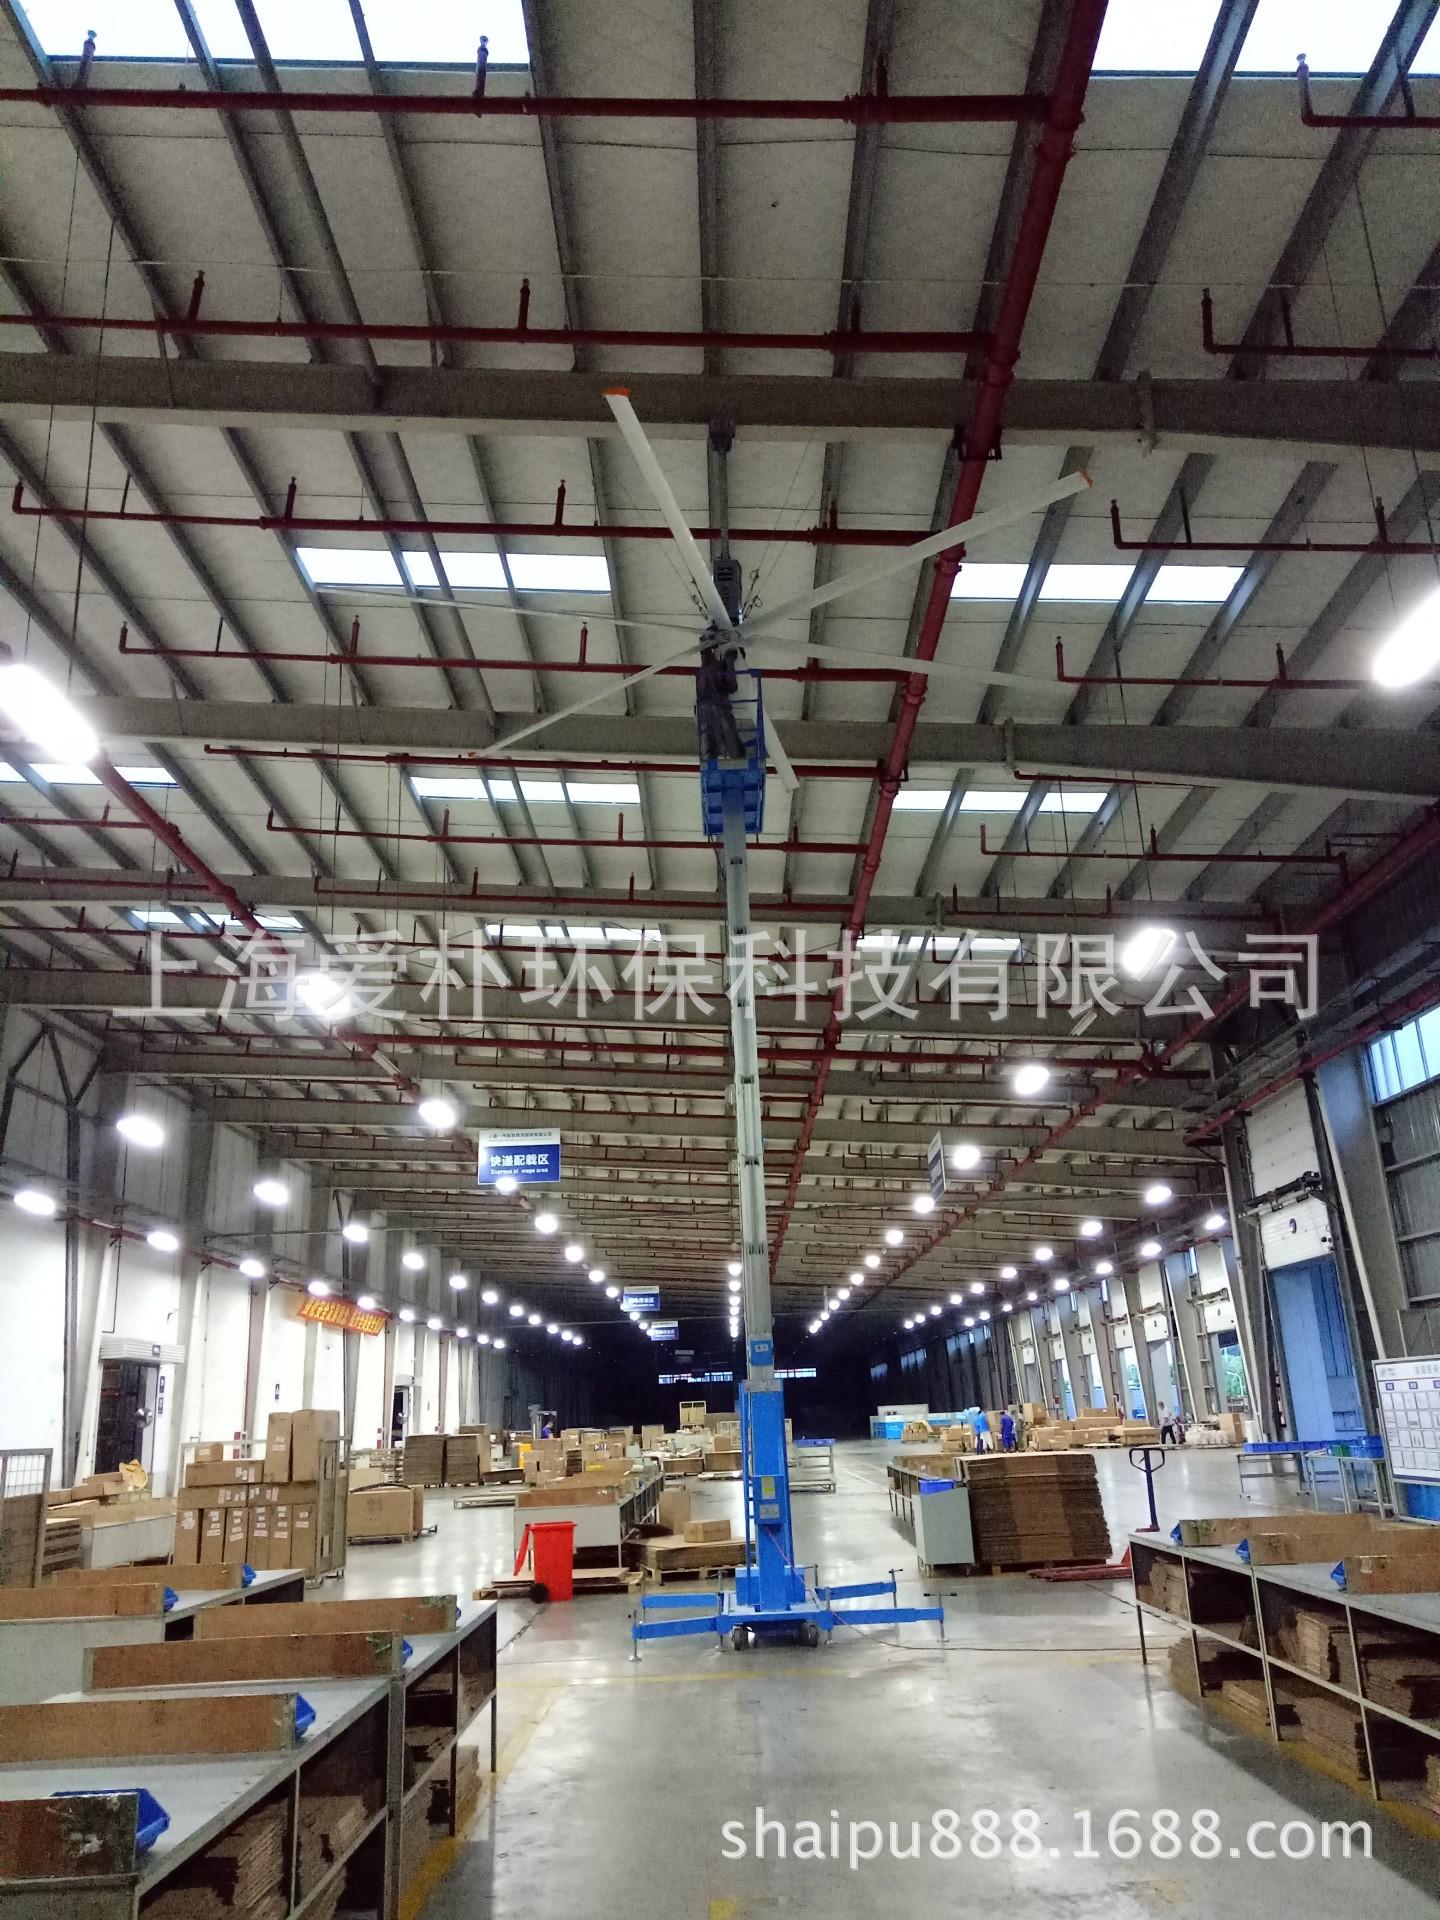 6米超大型节能吊扇 交流风扇 爱朴科技 所有工业厂房